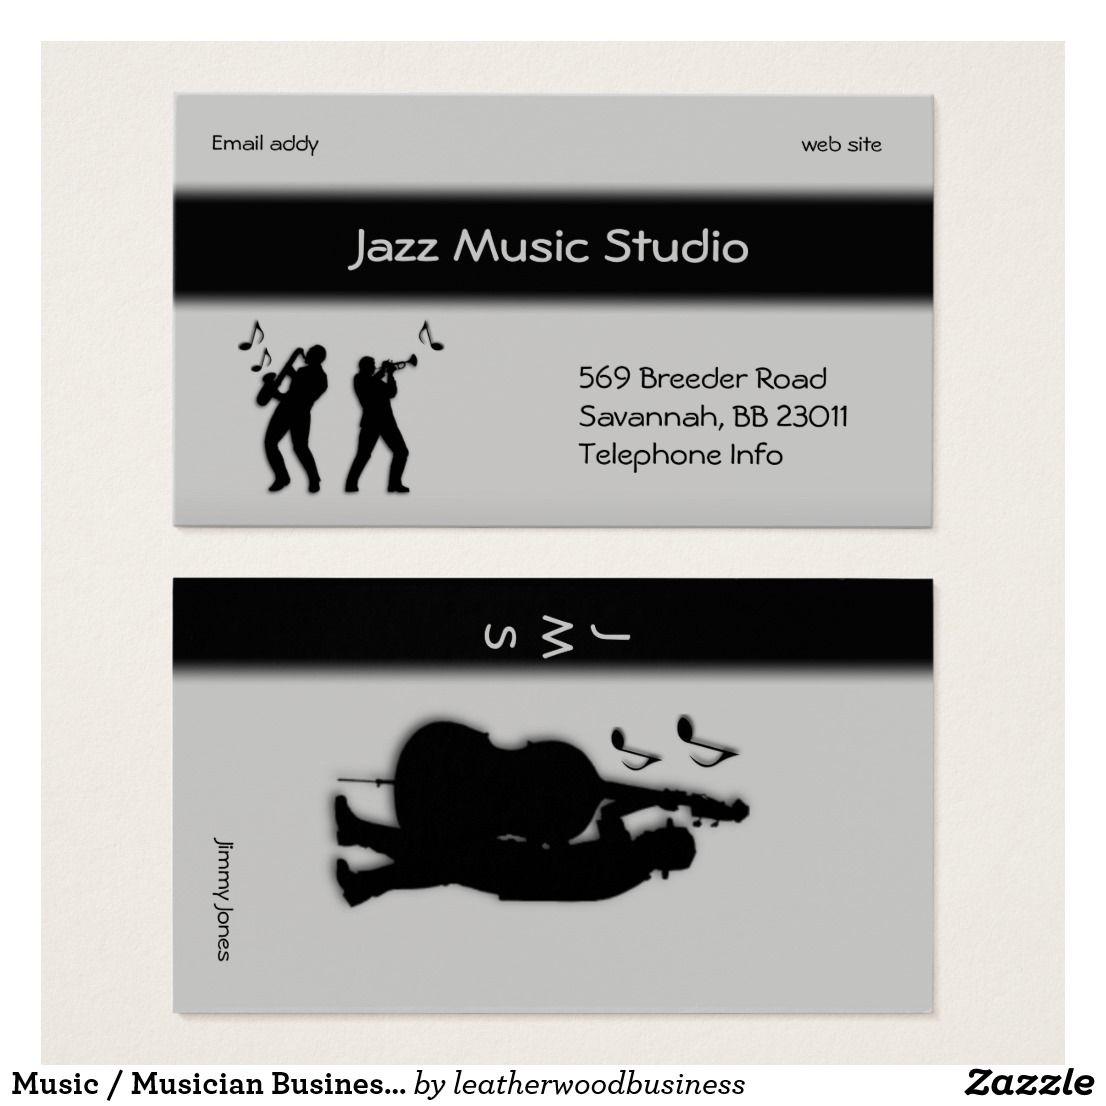 Music / Musician Business Card | Bass saxophone